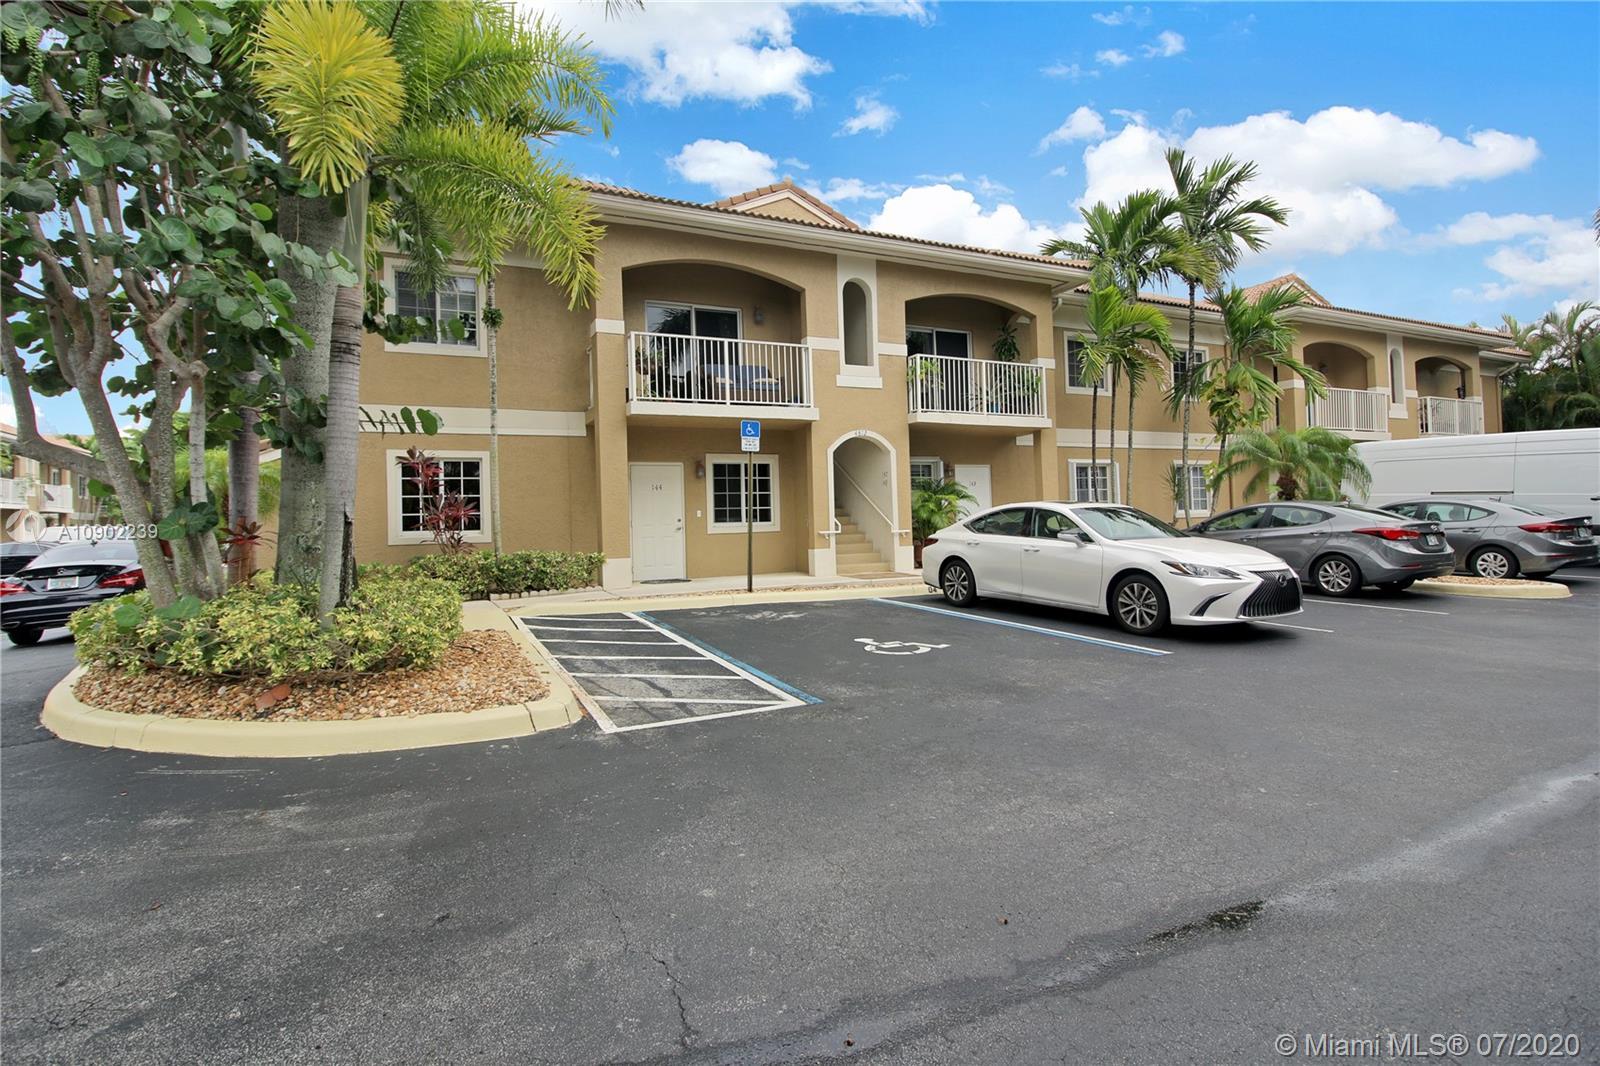 Washington Palms, 4812 Washington St Unit 4, Hollywood, Florida 33021